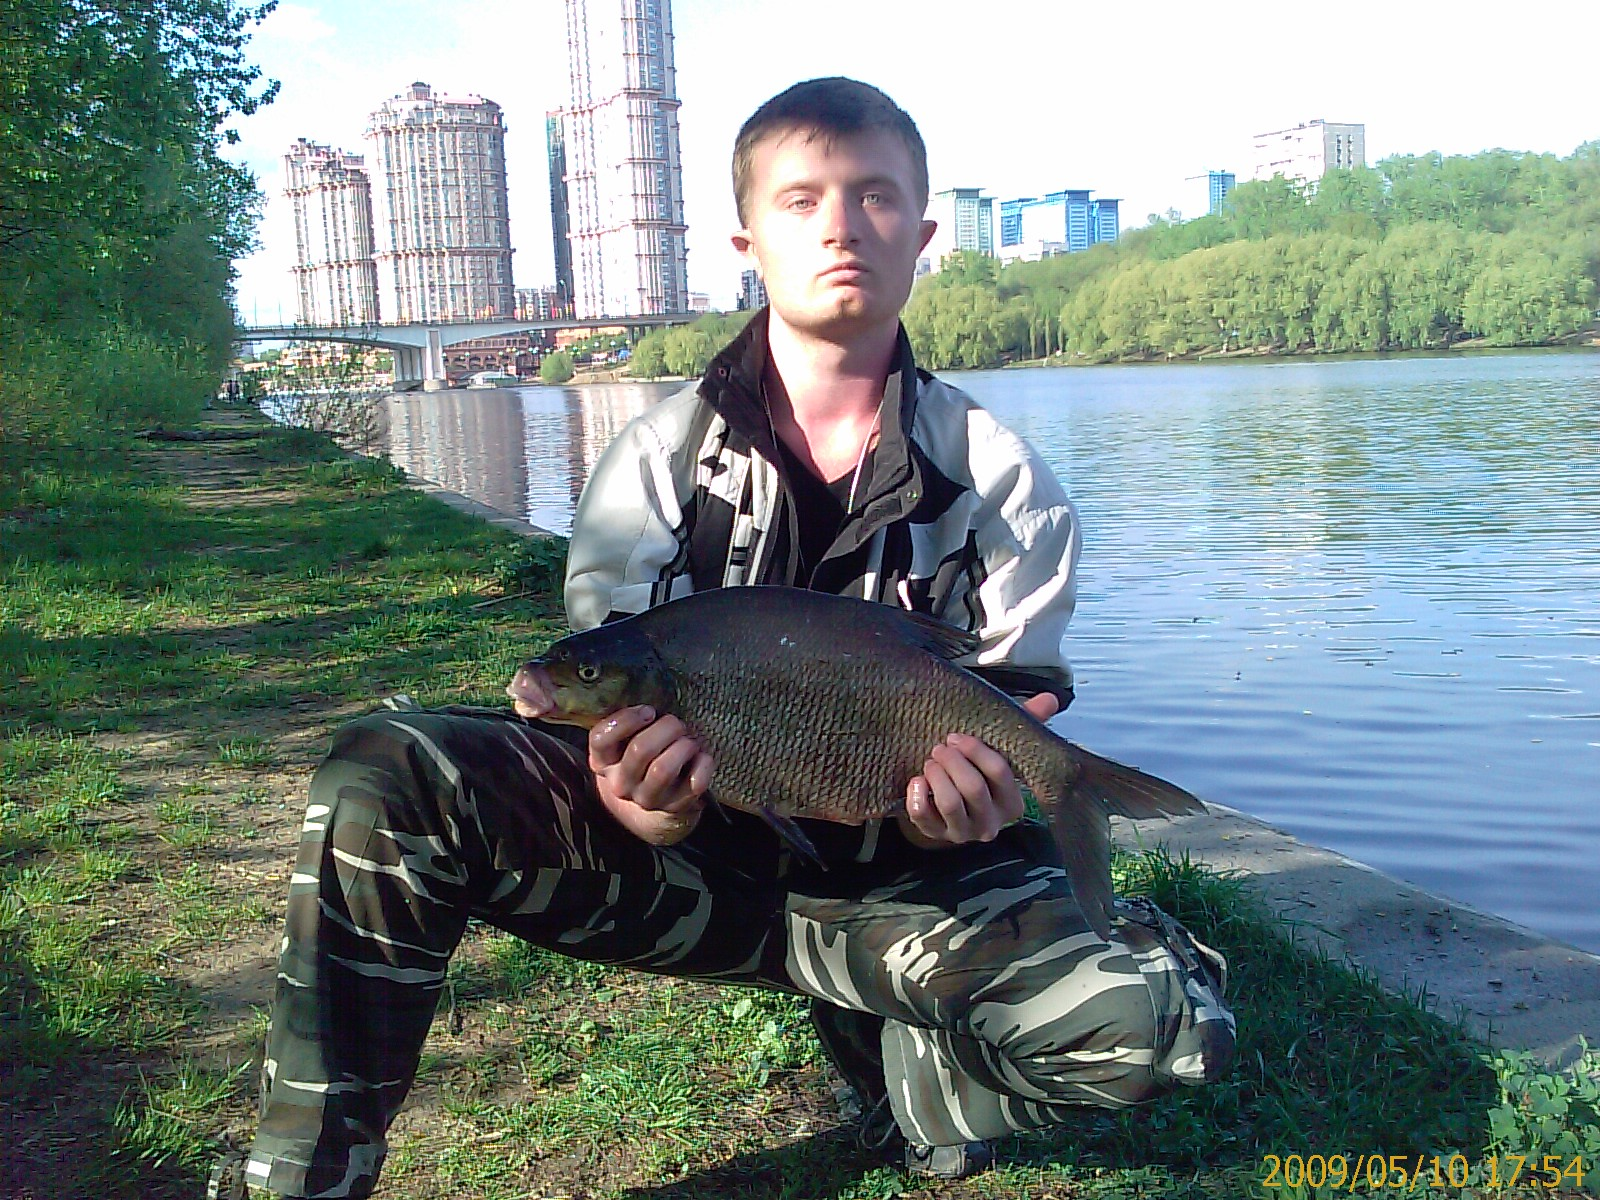 спасское водохранилище рыбалка 2016 видео